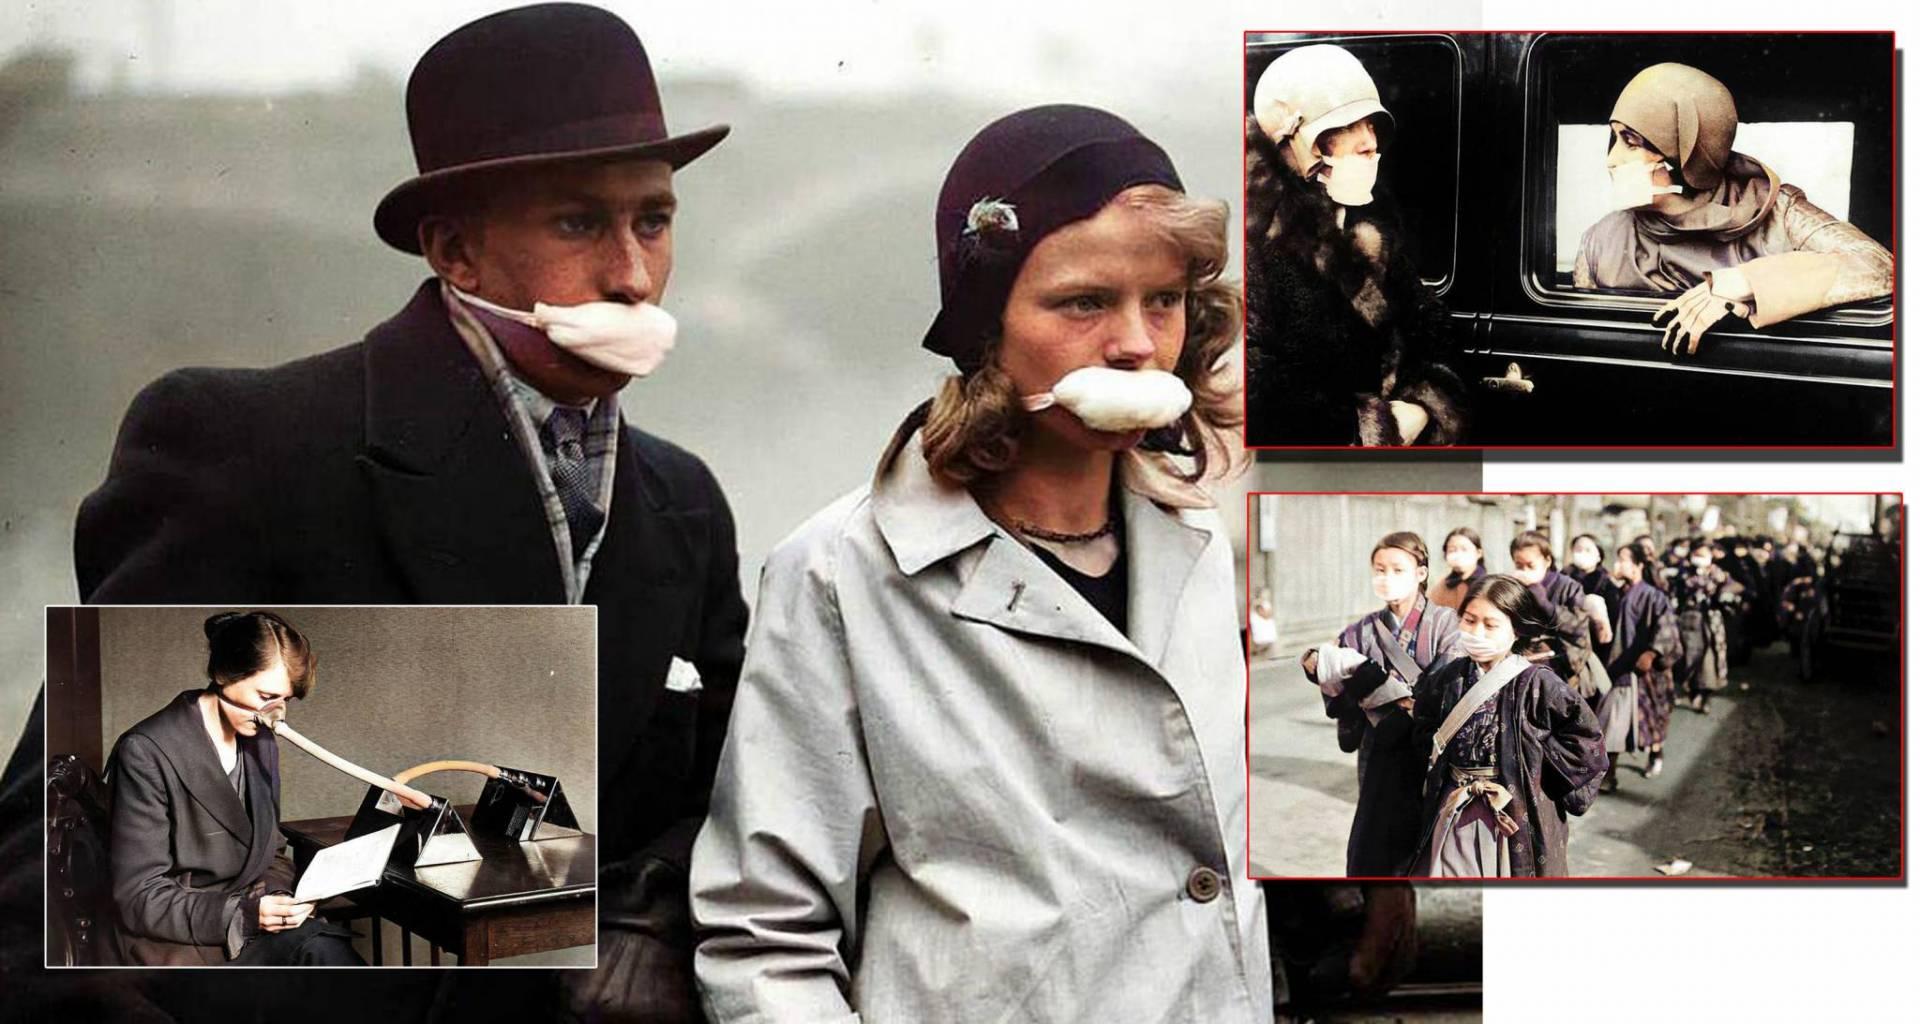 بالصور - هكذا نجح البشر .. في تجاوز أزمة الإنفلوانزا الإسبانية